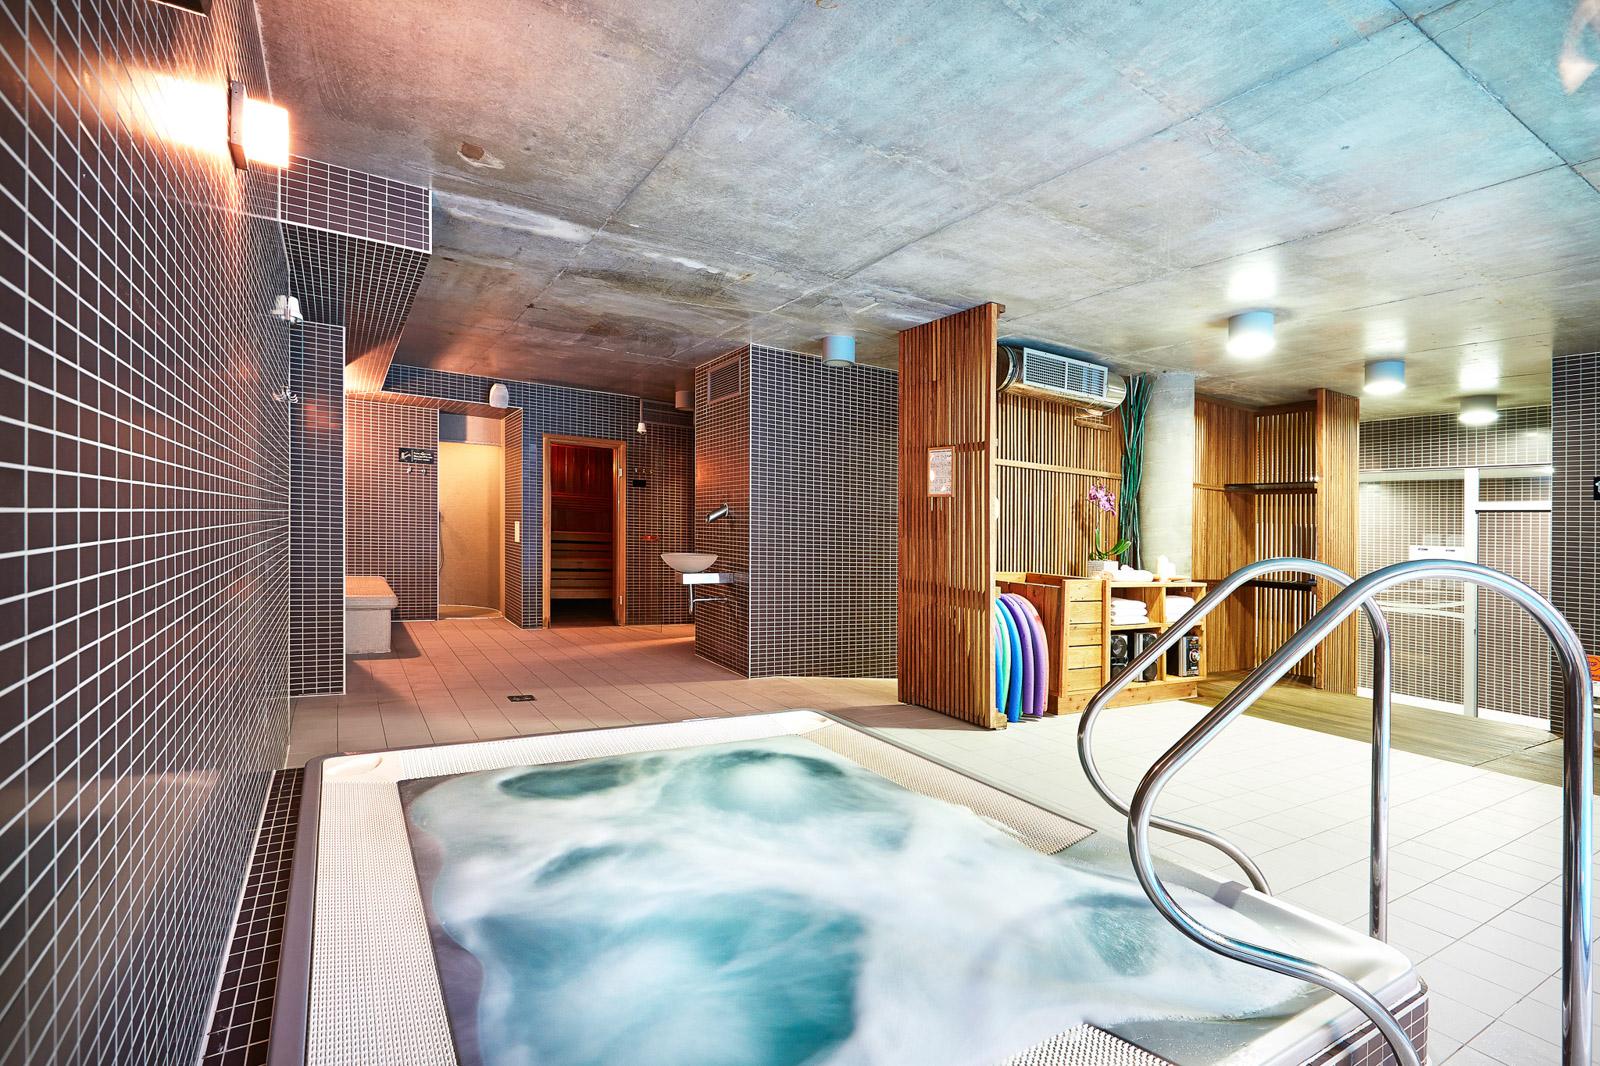 Sand_Hotel-by_Zdrojowa-Kolobrzeg-SPA-Jacuzzi-HiRes